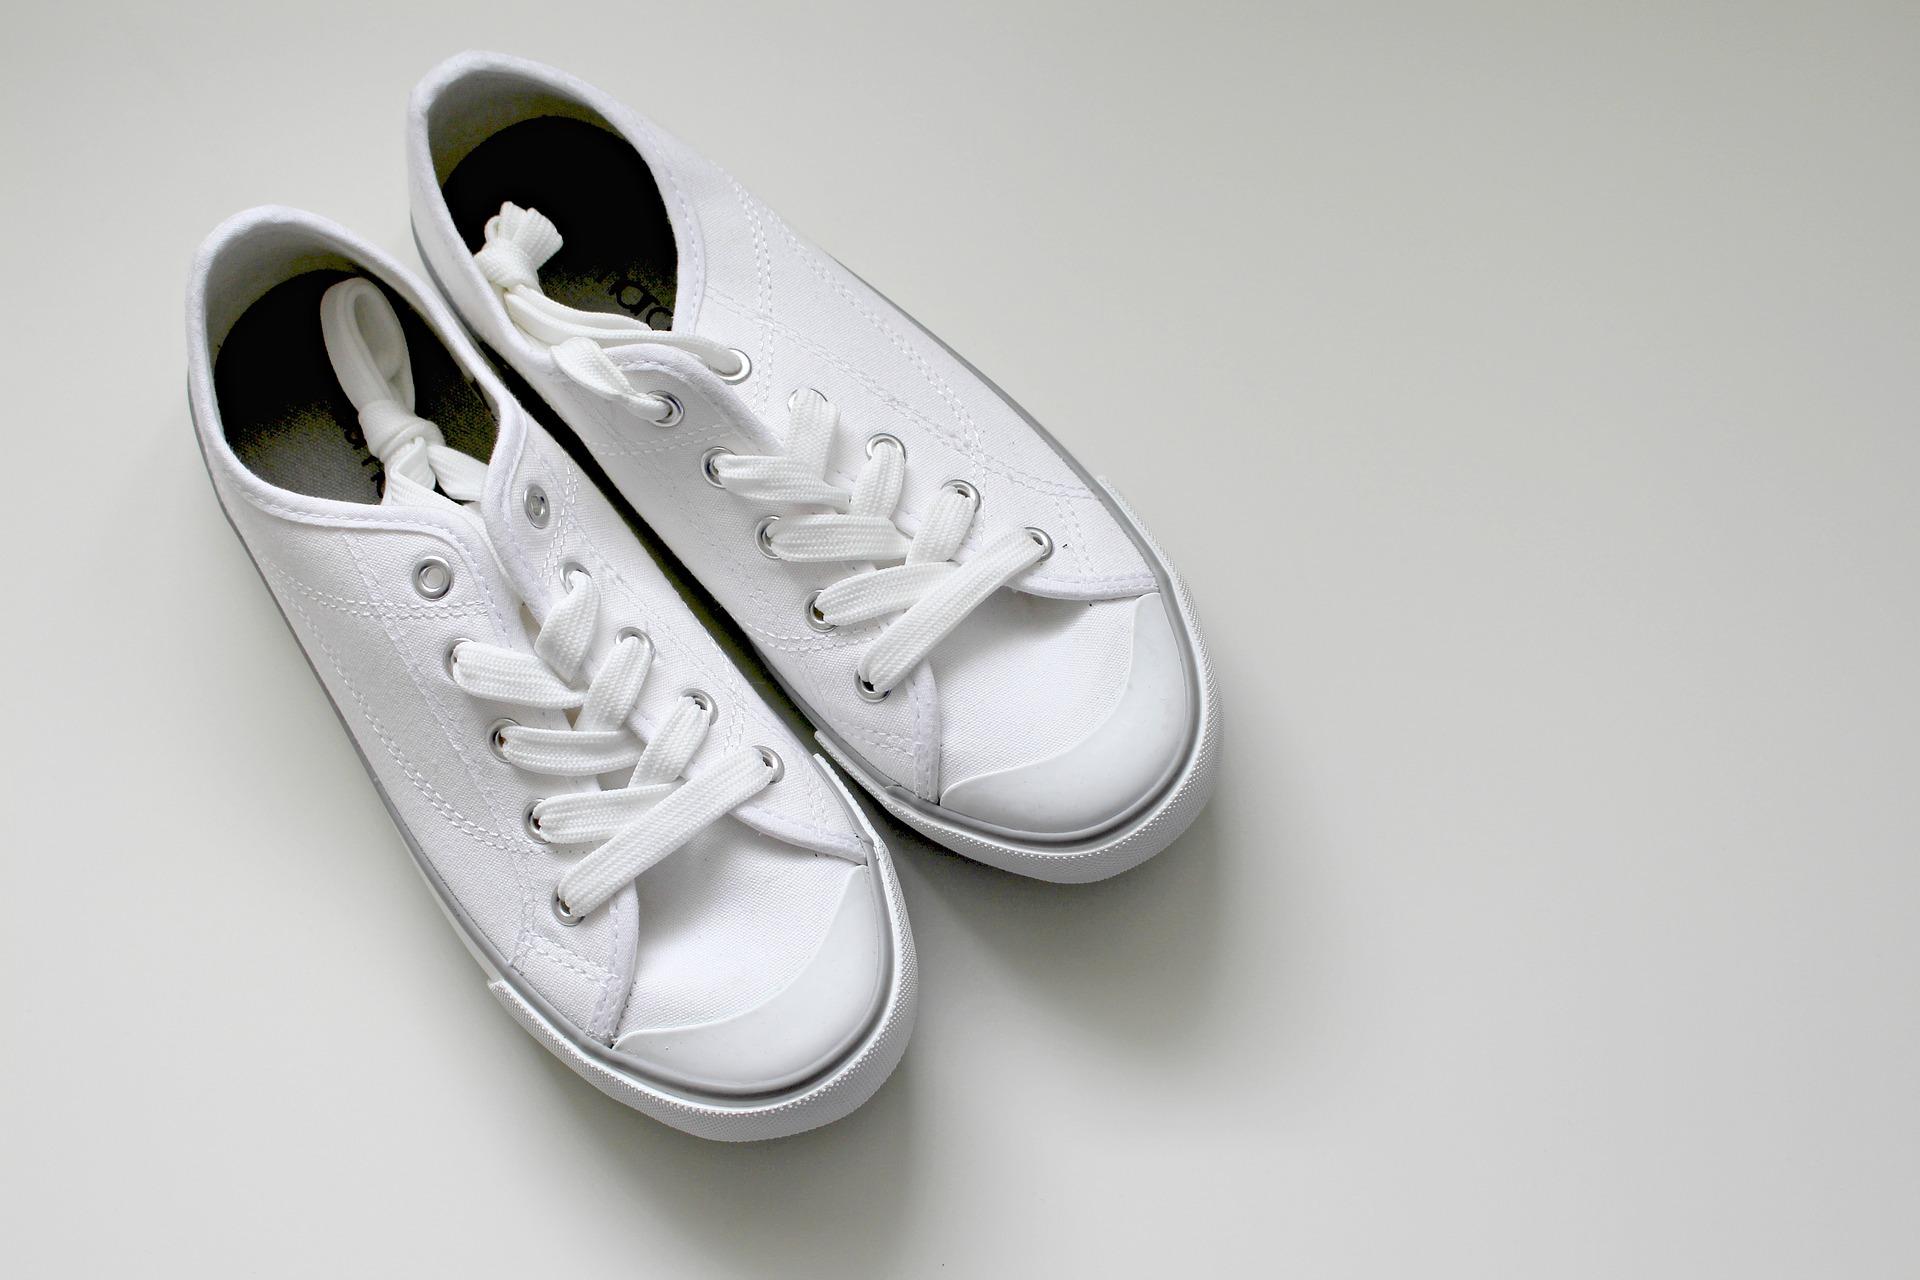 Drugie życie białych sneakersów – jak czyścić białe buty?